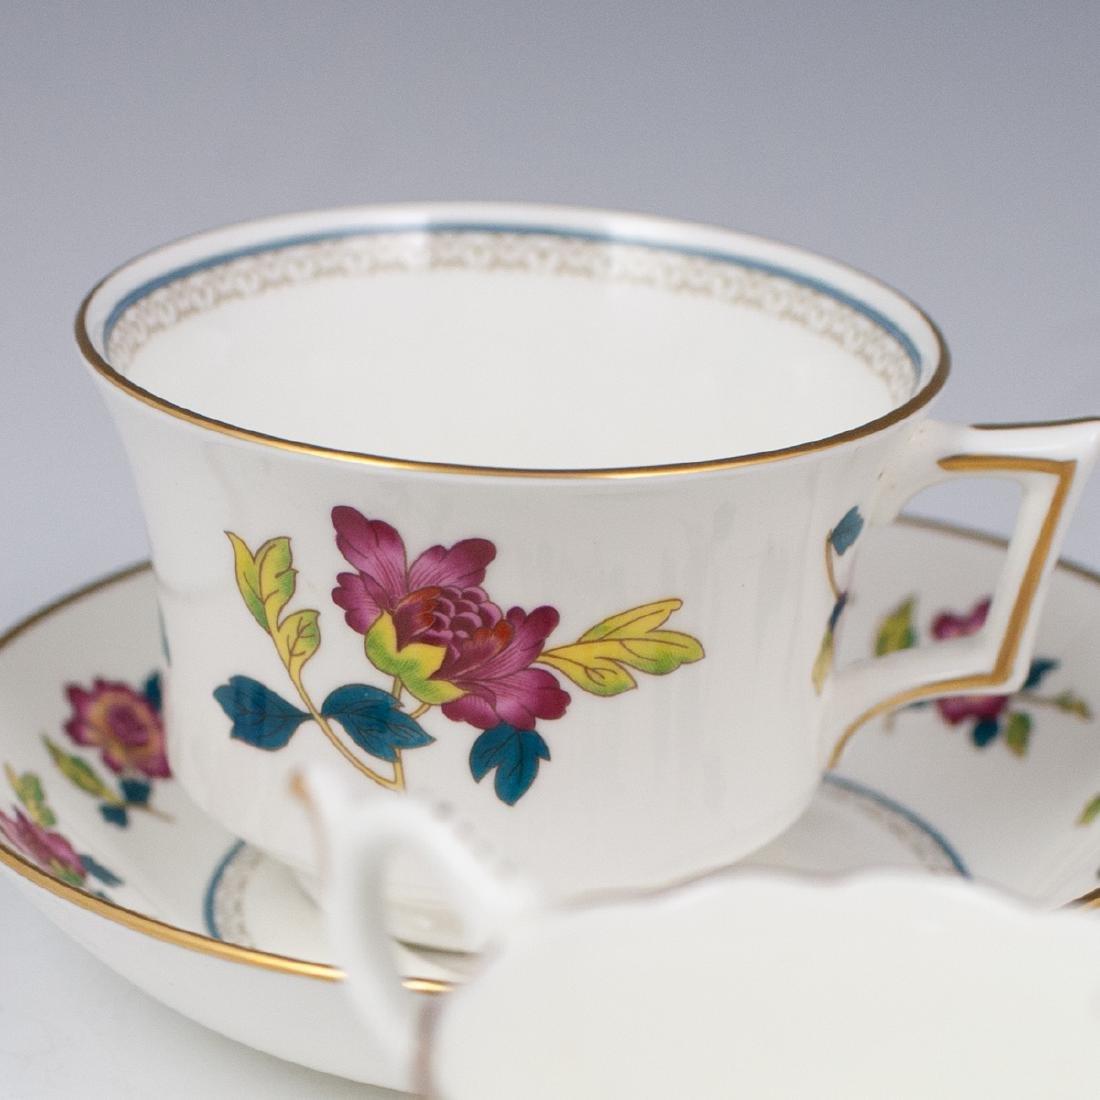 Vintage English Porcelain Teacups - 2